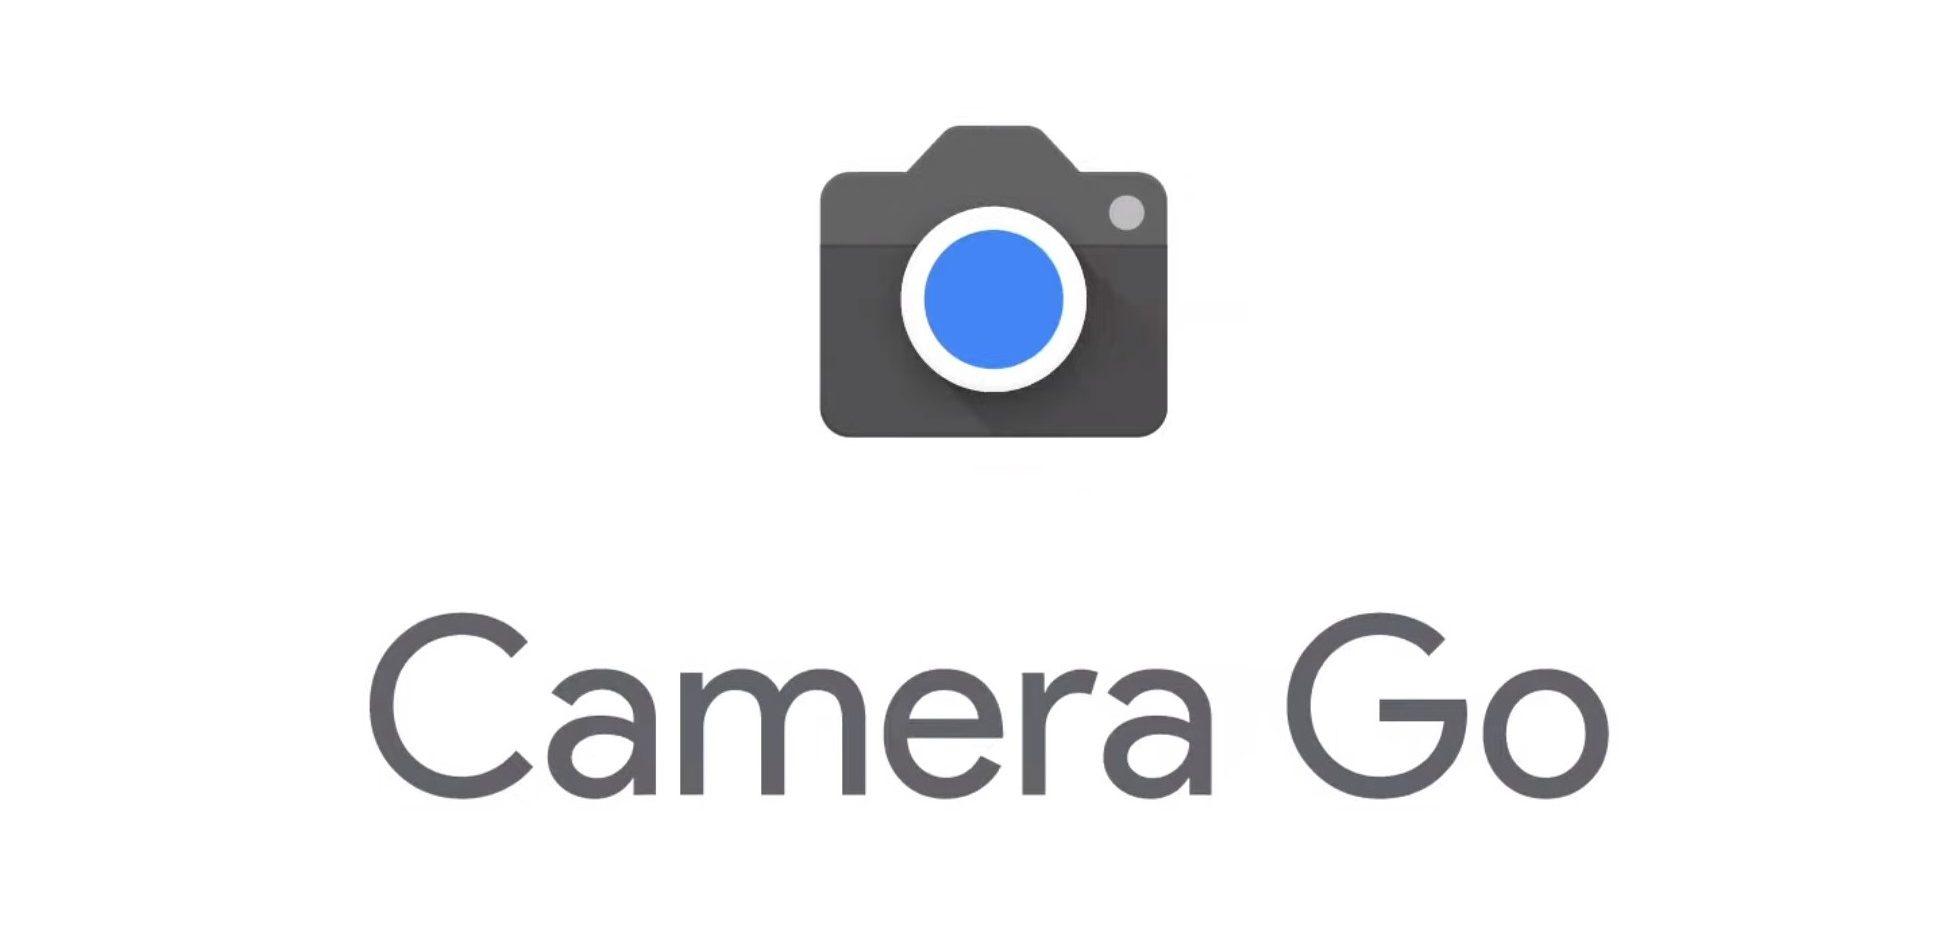 Podczas gdy inni komplikują, Google upraszcza i wydaje nową aplikację aparatu na Androida Go